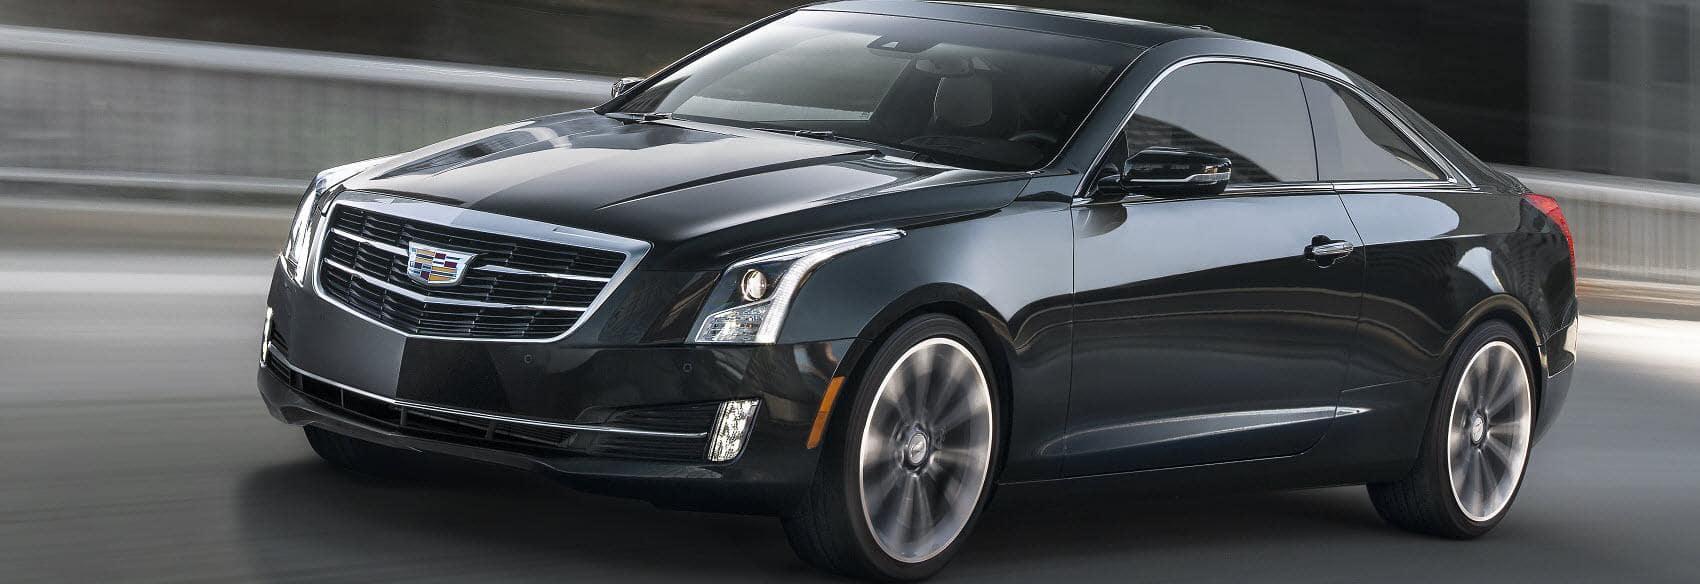 Cadillac Dealership Lexington KY